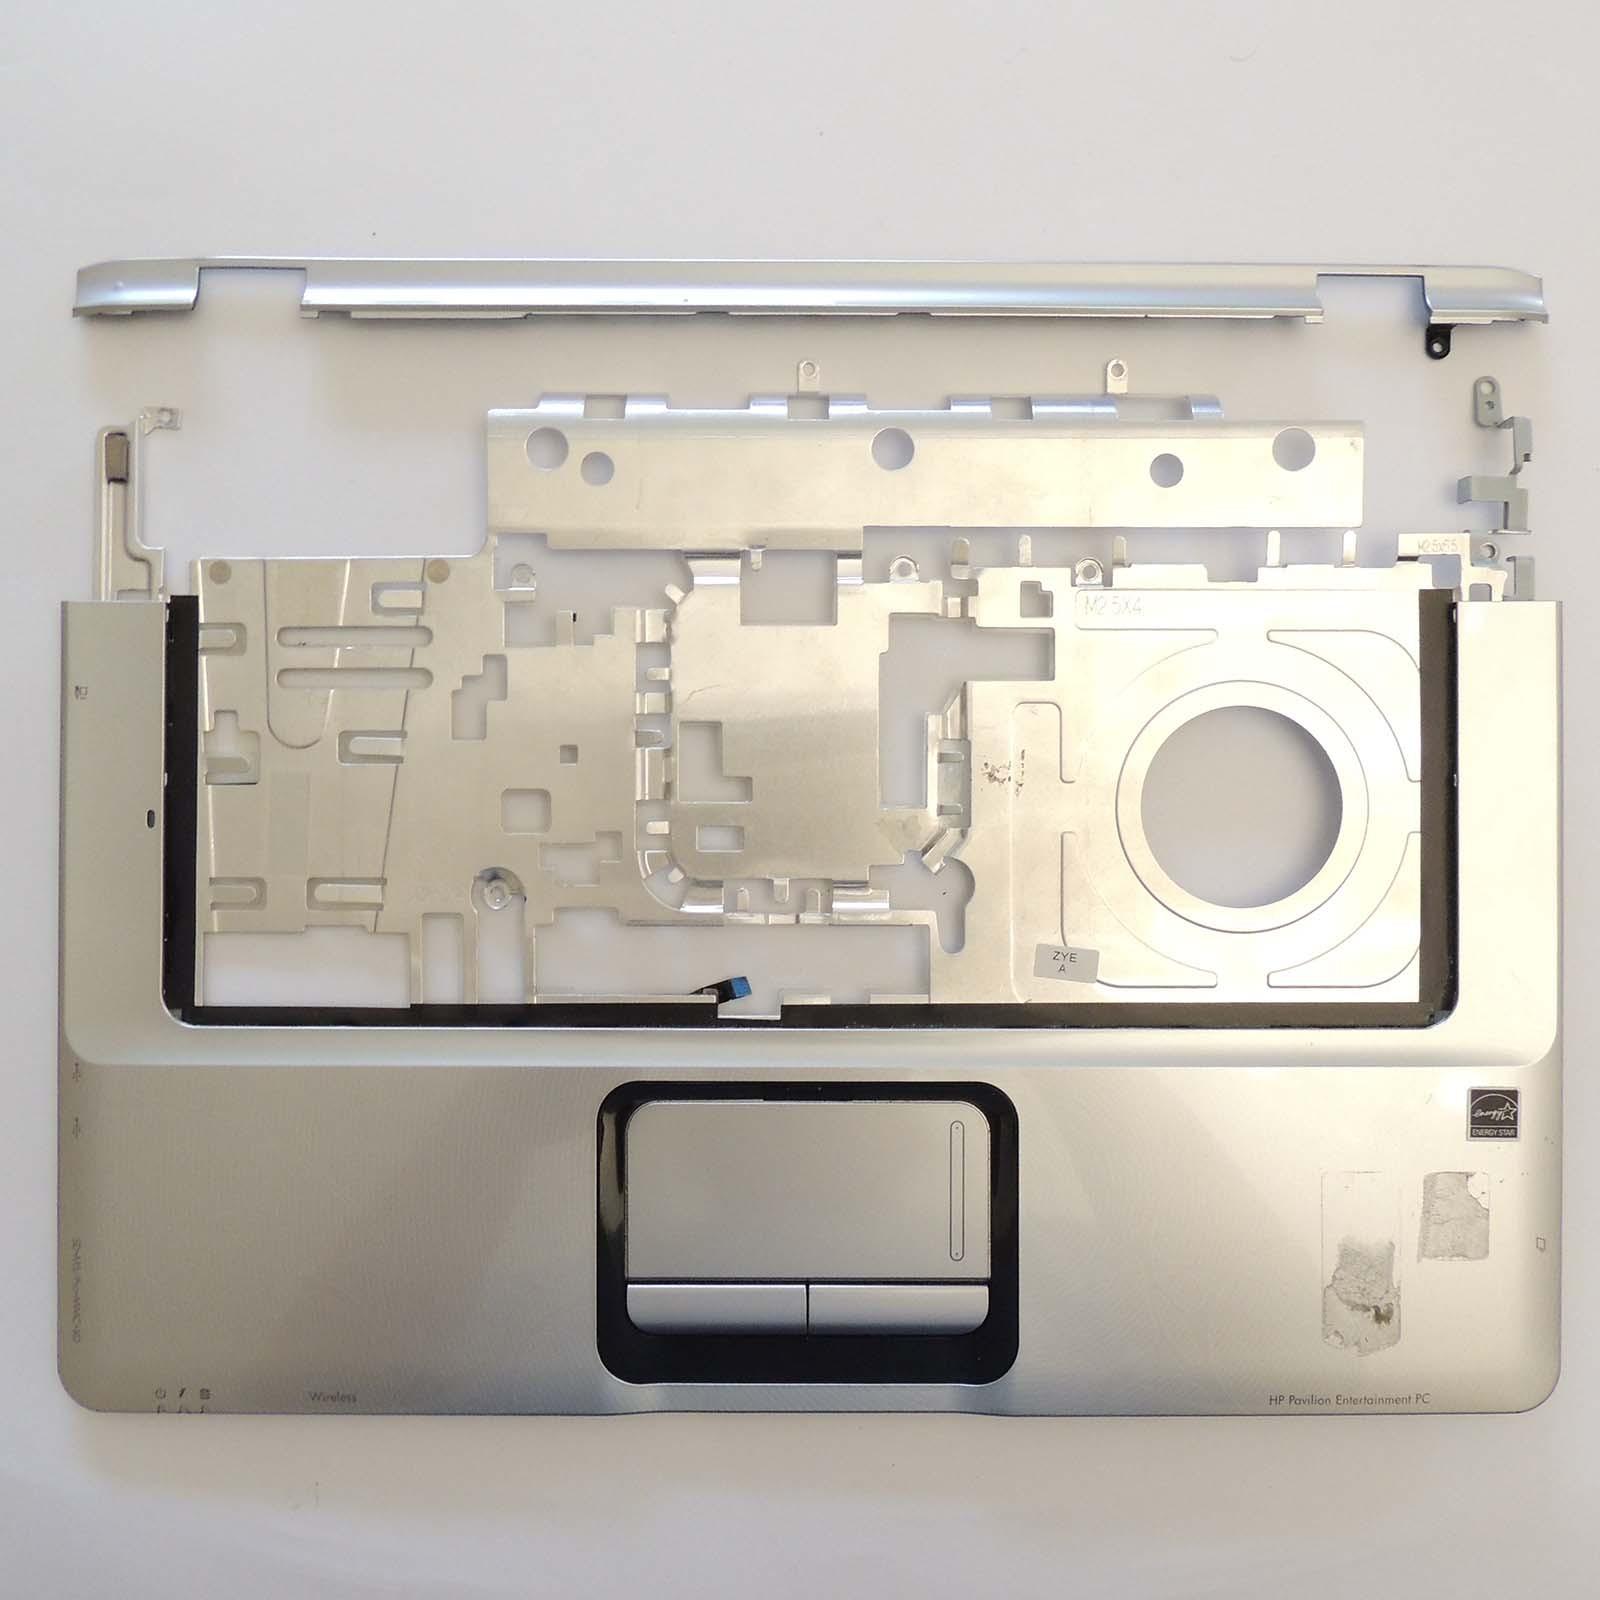 Scocca touchpad HP Pavilion DV6705el ZYE37AT3TATP393E cover tastiera